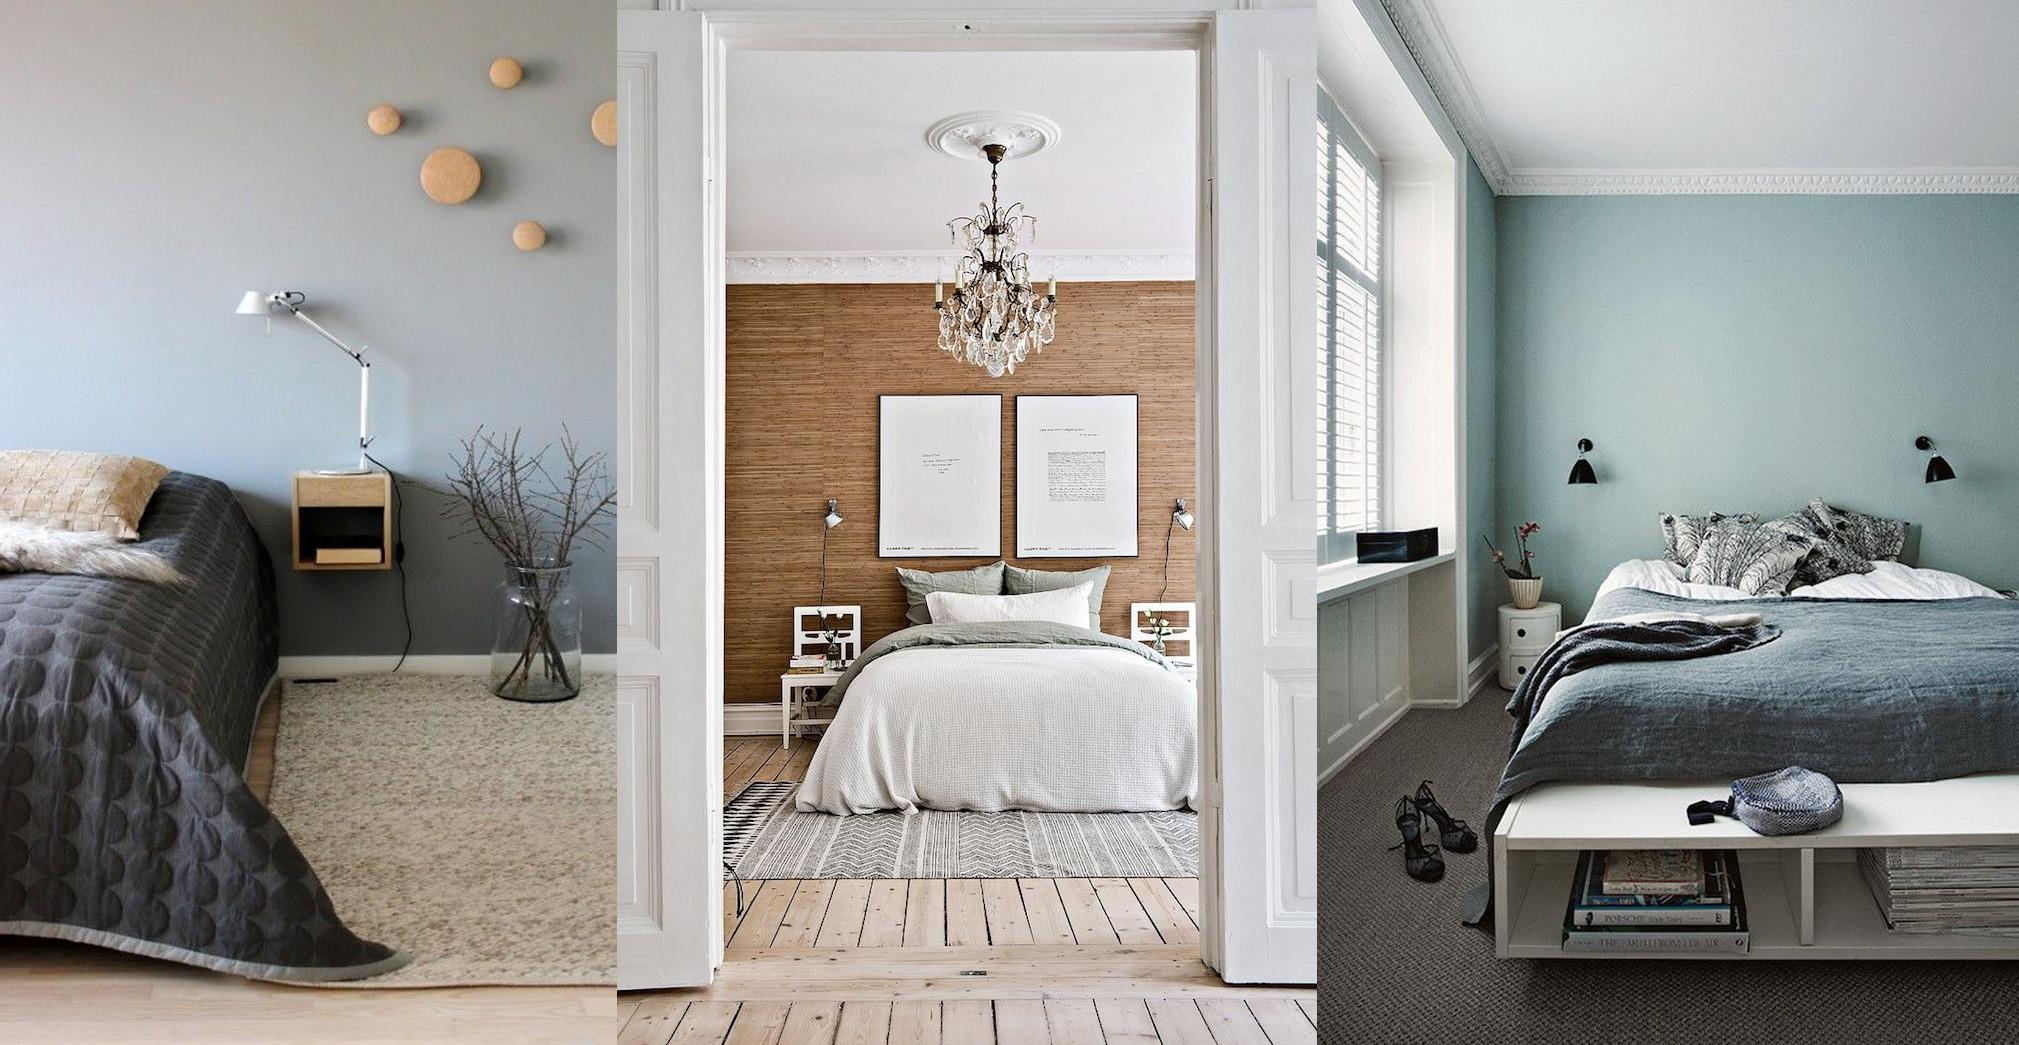 couleurs douces pour une chambre